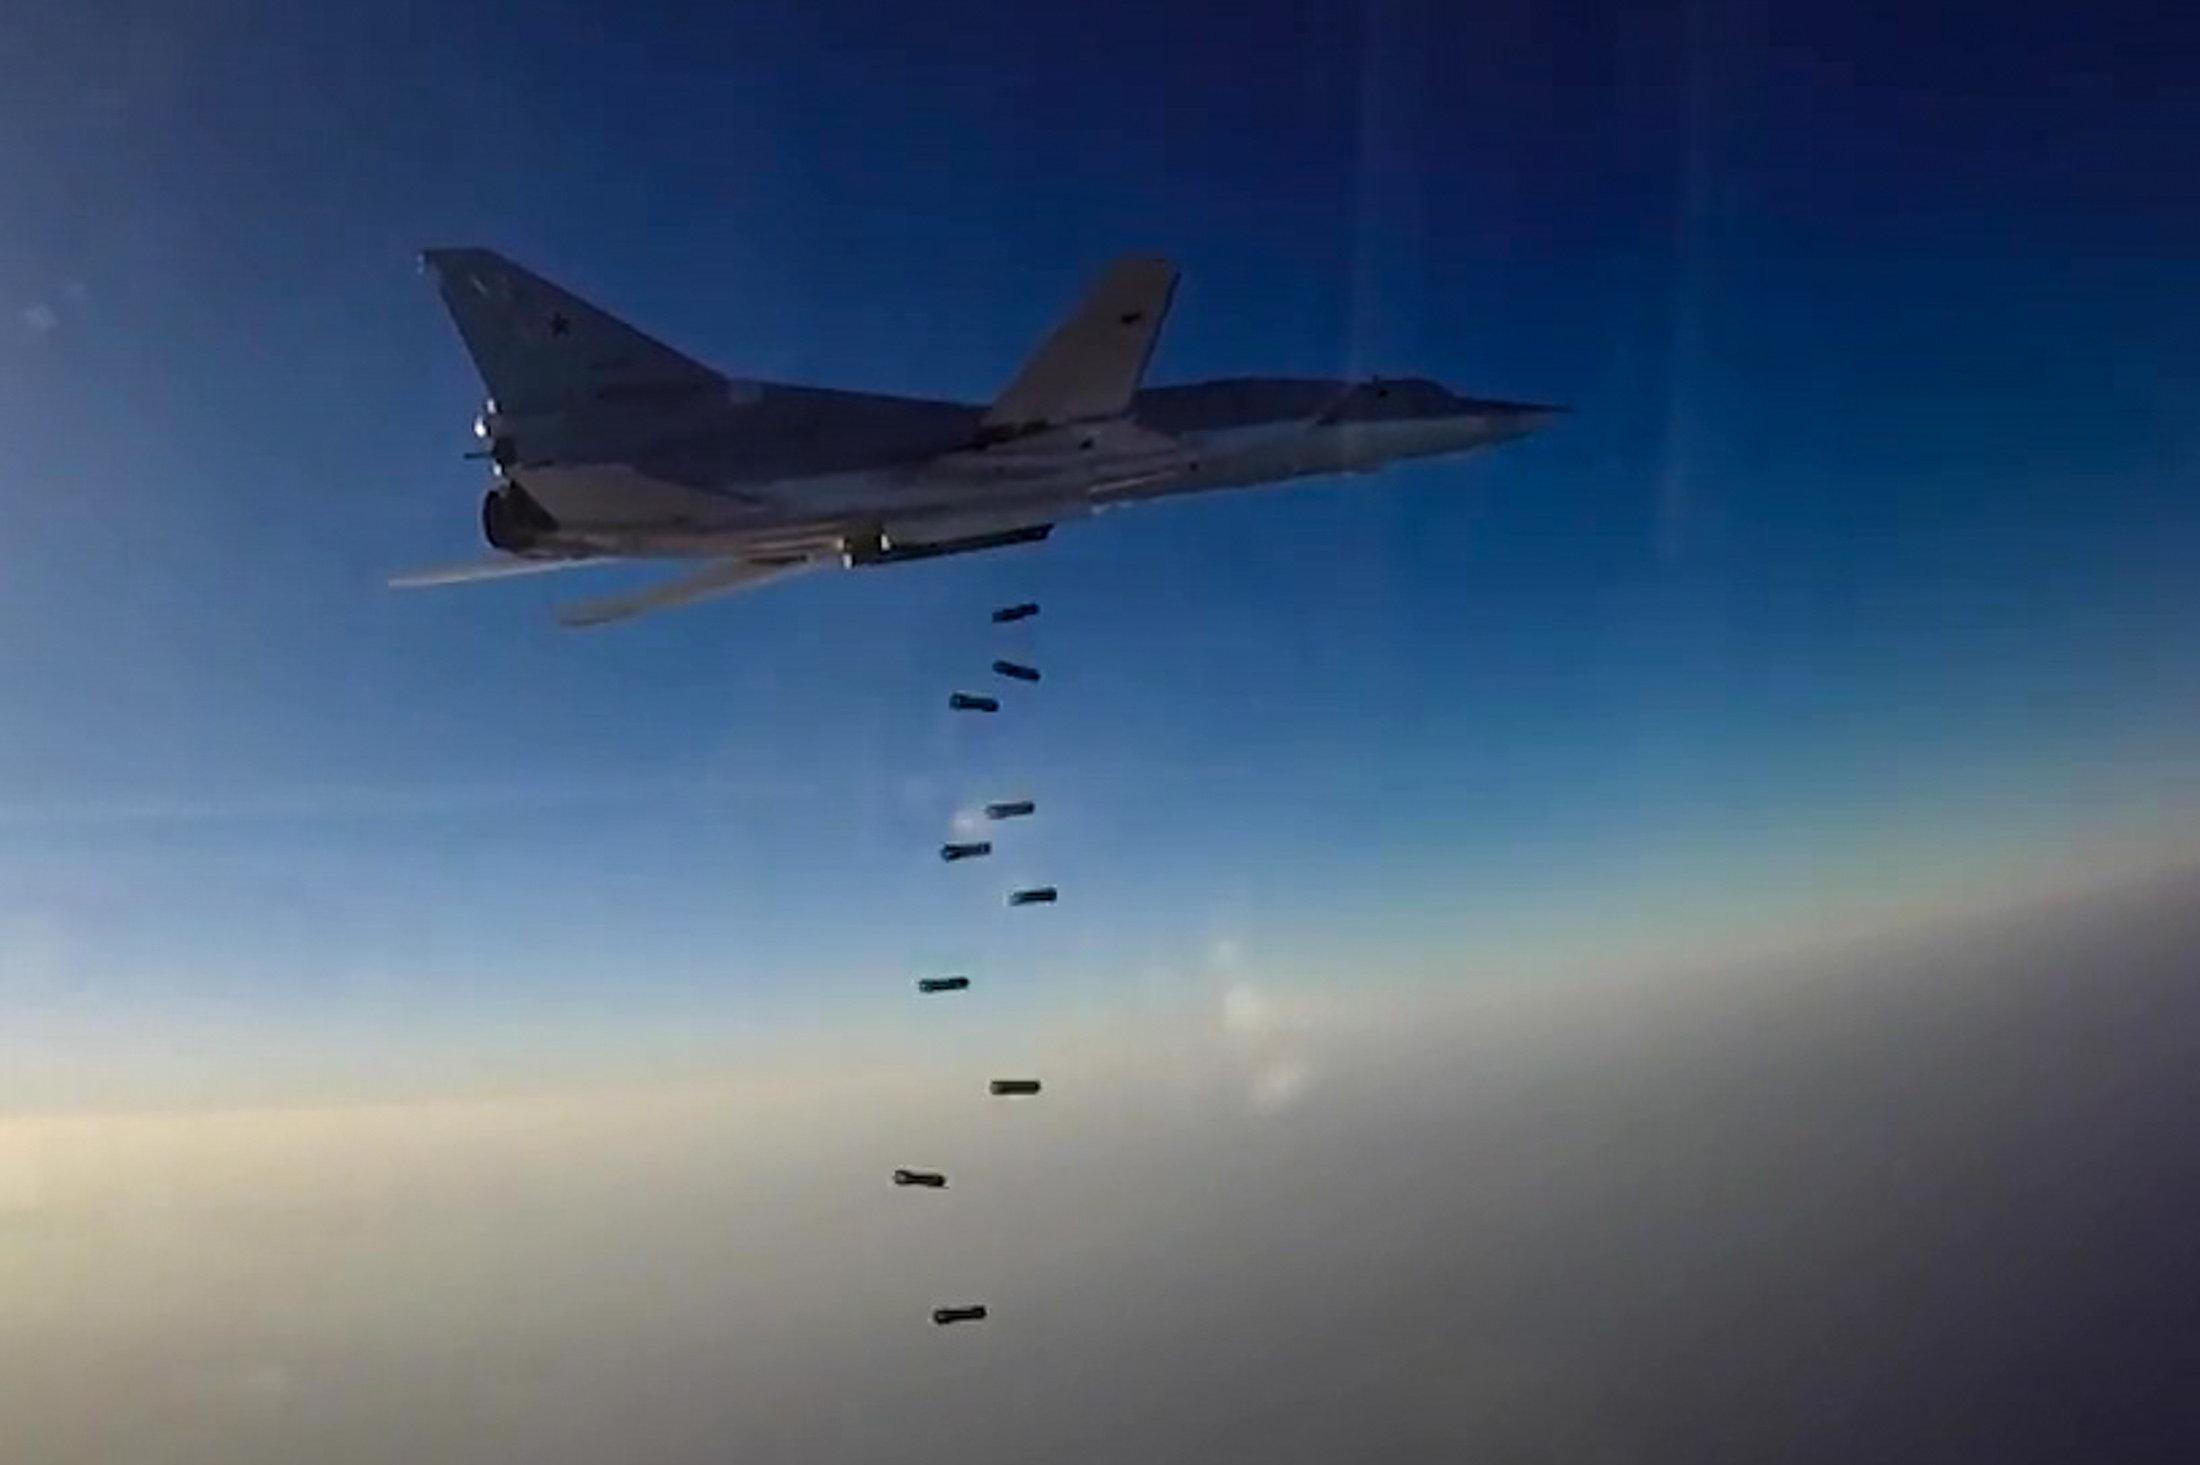 Ataque aéreo del Tu-22M3 contra los objetivos terroristas en Siria